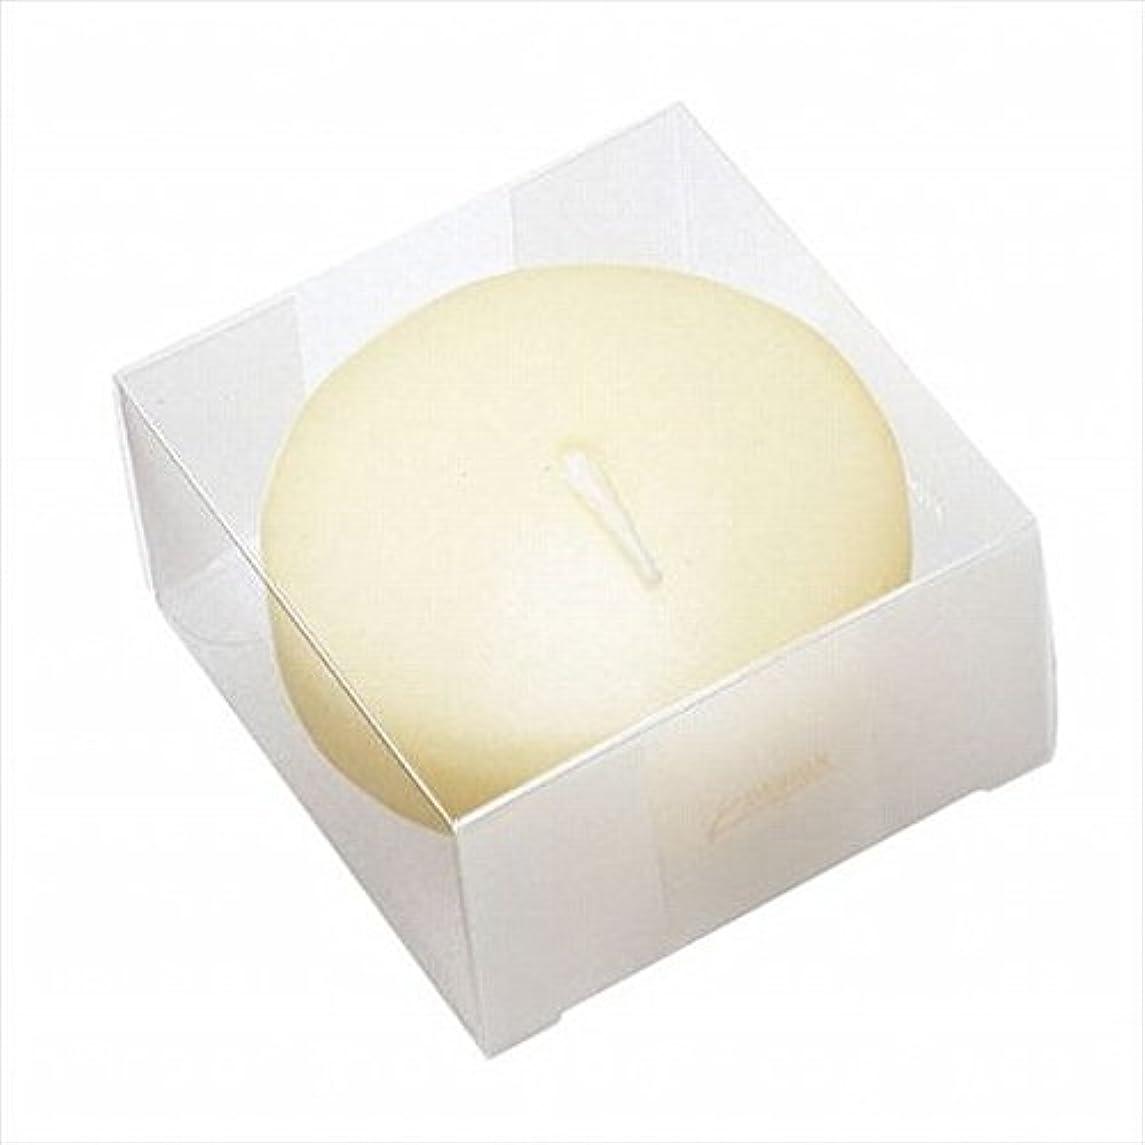 叫ぶ深遠偶然のkameyama candle(カメヤマキャンドル) プール80(箱入り) 「 アイボリー 」 キャンドル 80x80x45mm (A7069050)